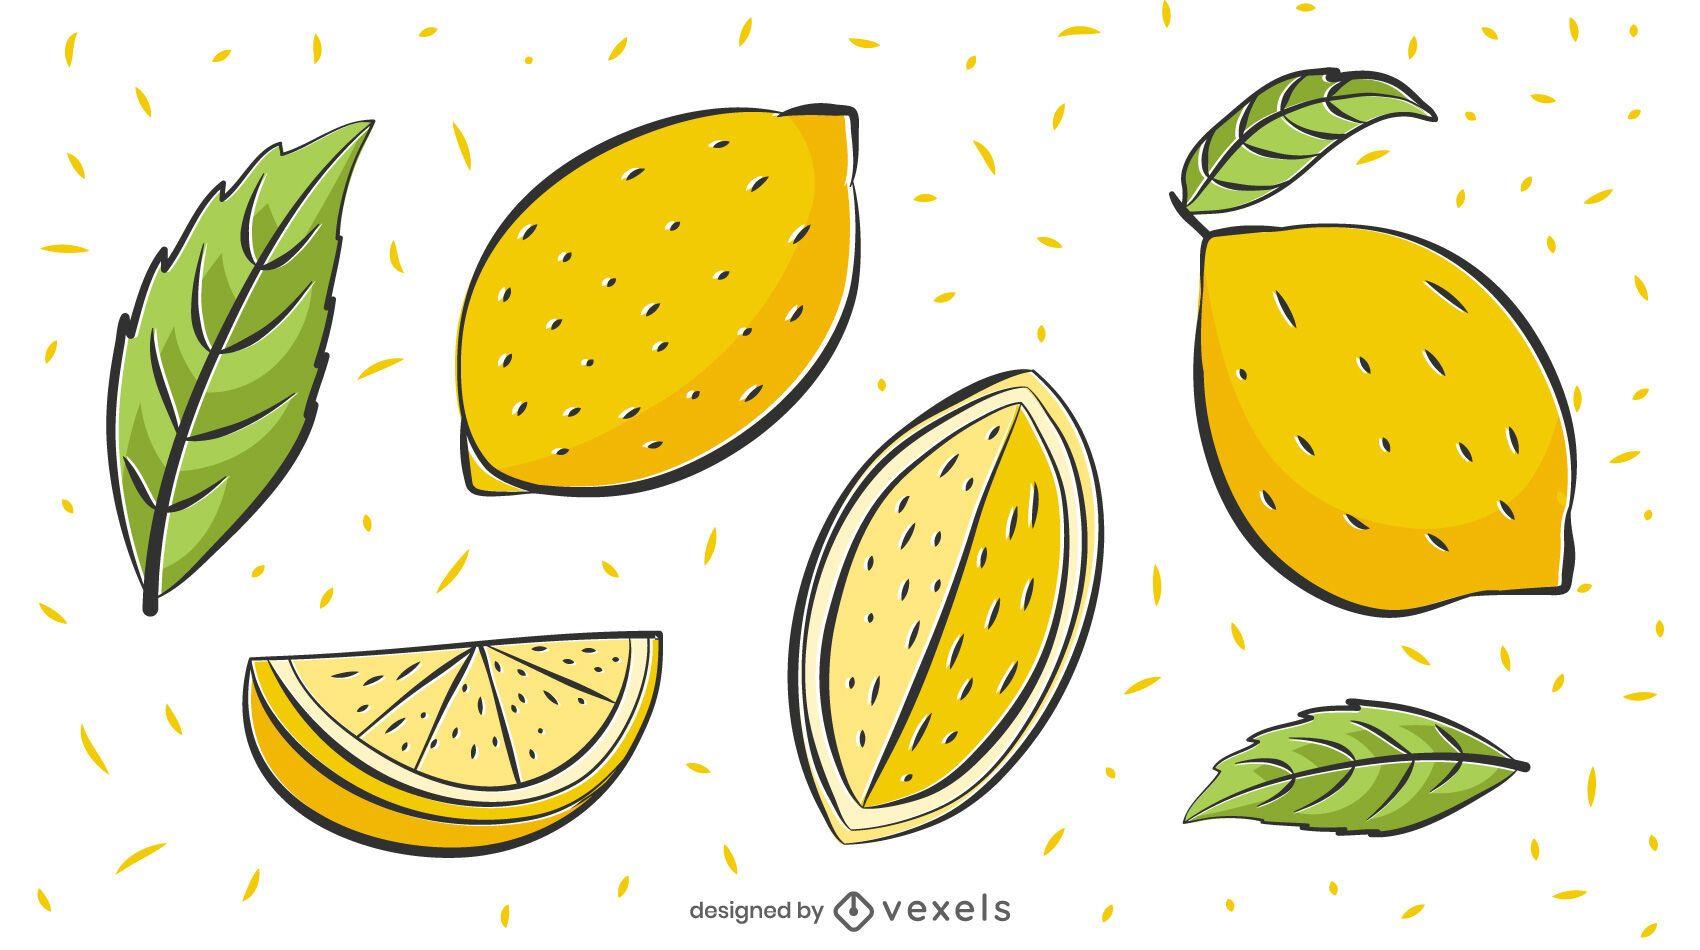 Lemons illustration set